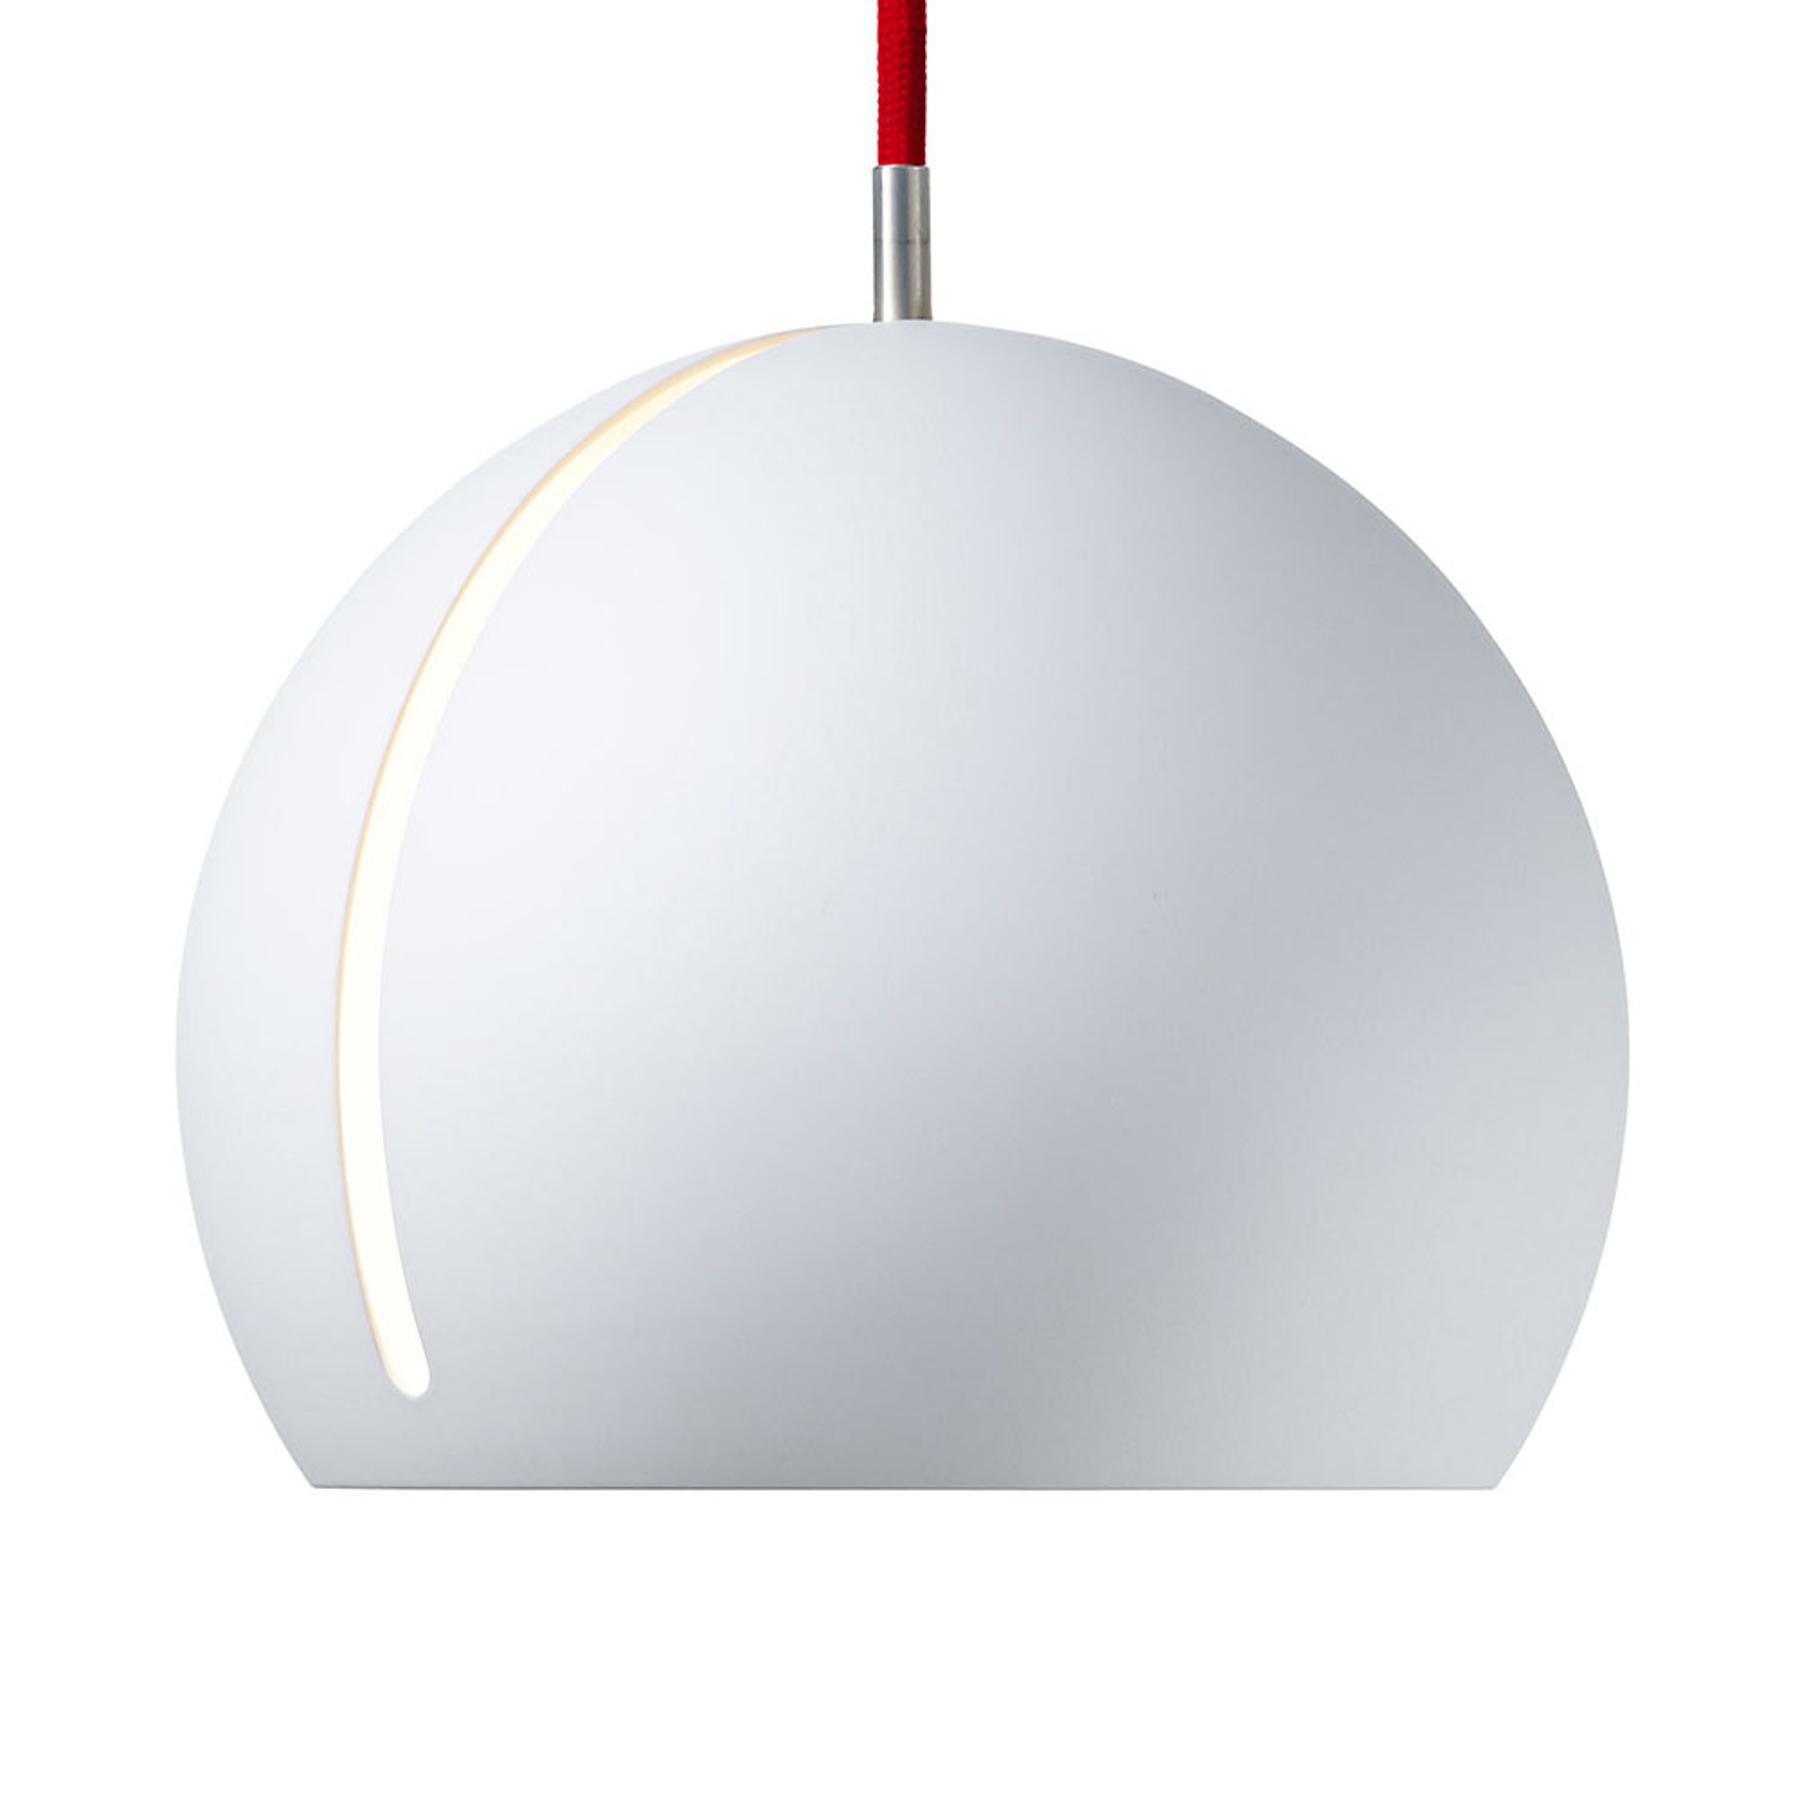 Nyta Tilt Globe hanglamp kabel 3m rood wit